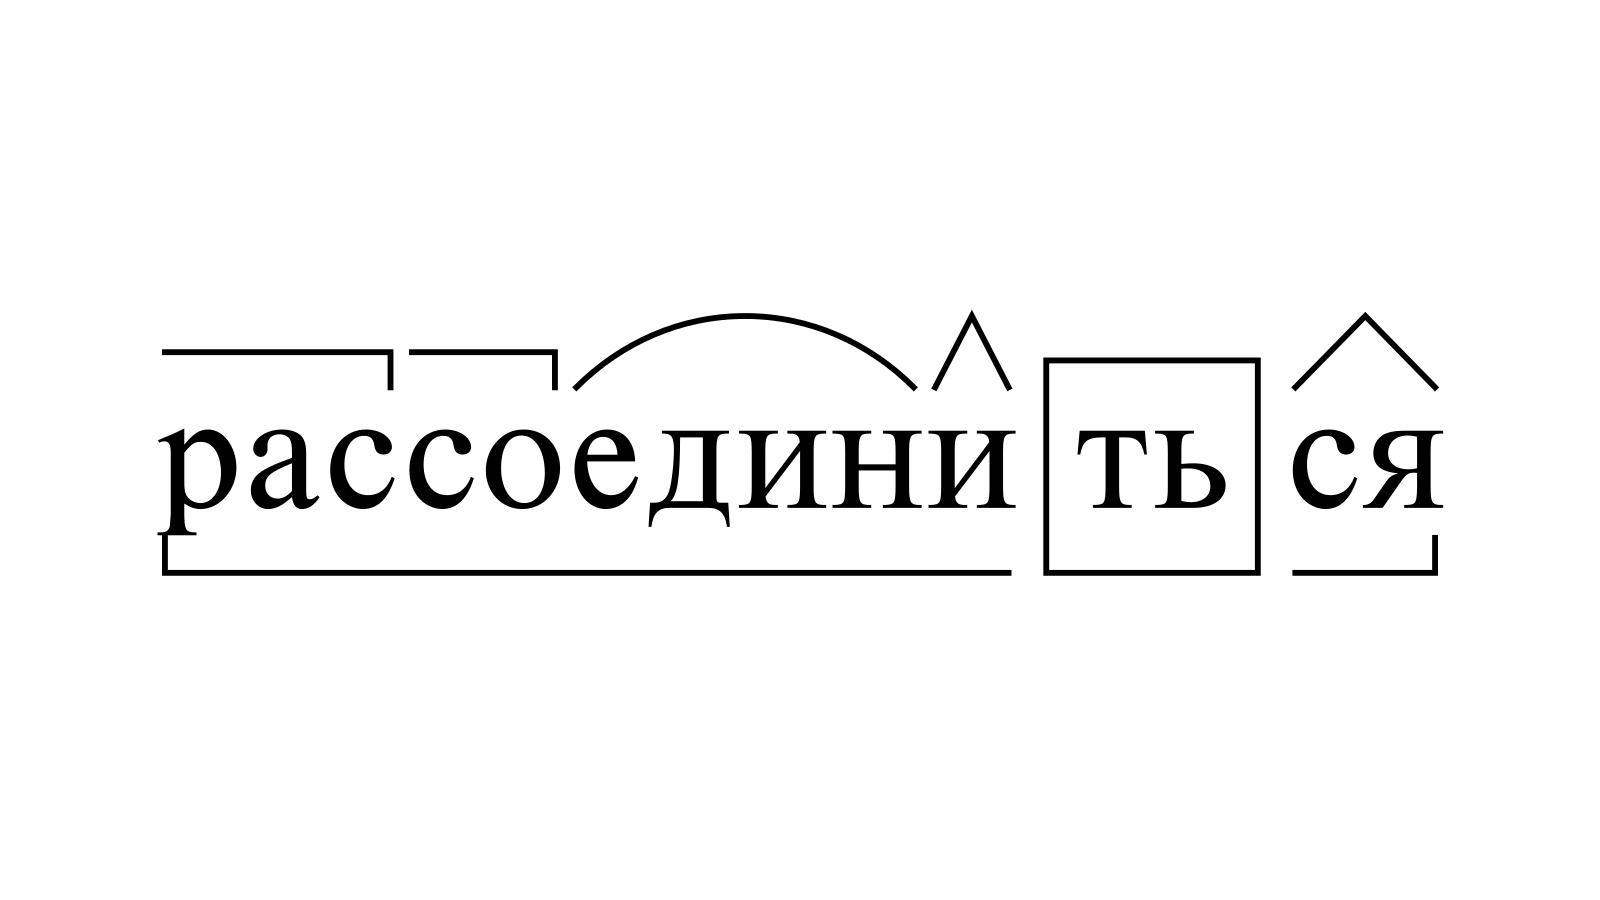 Разбор слова «рассоединиться» по составу